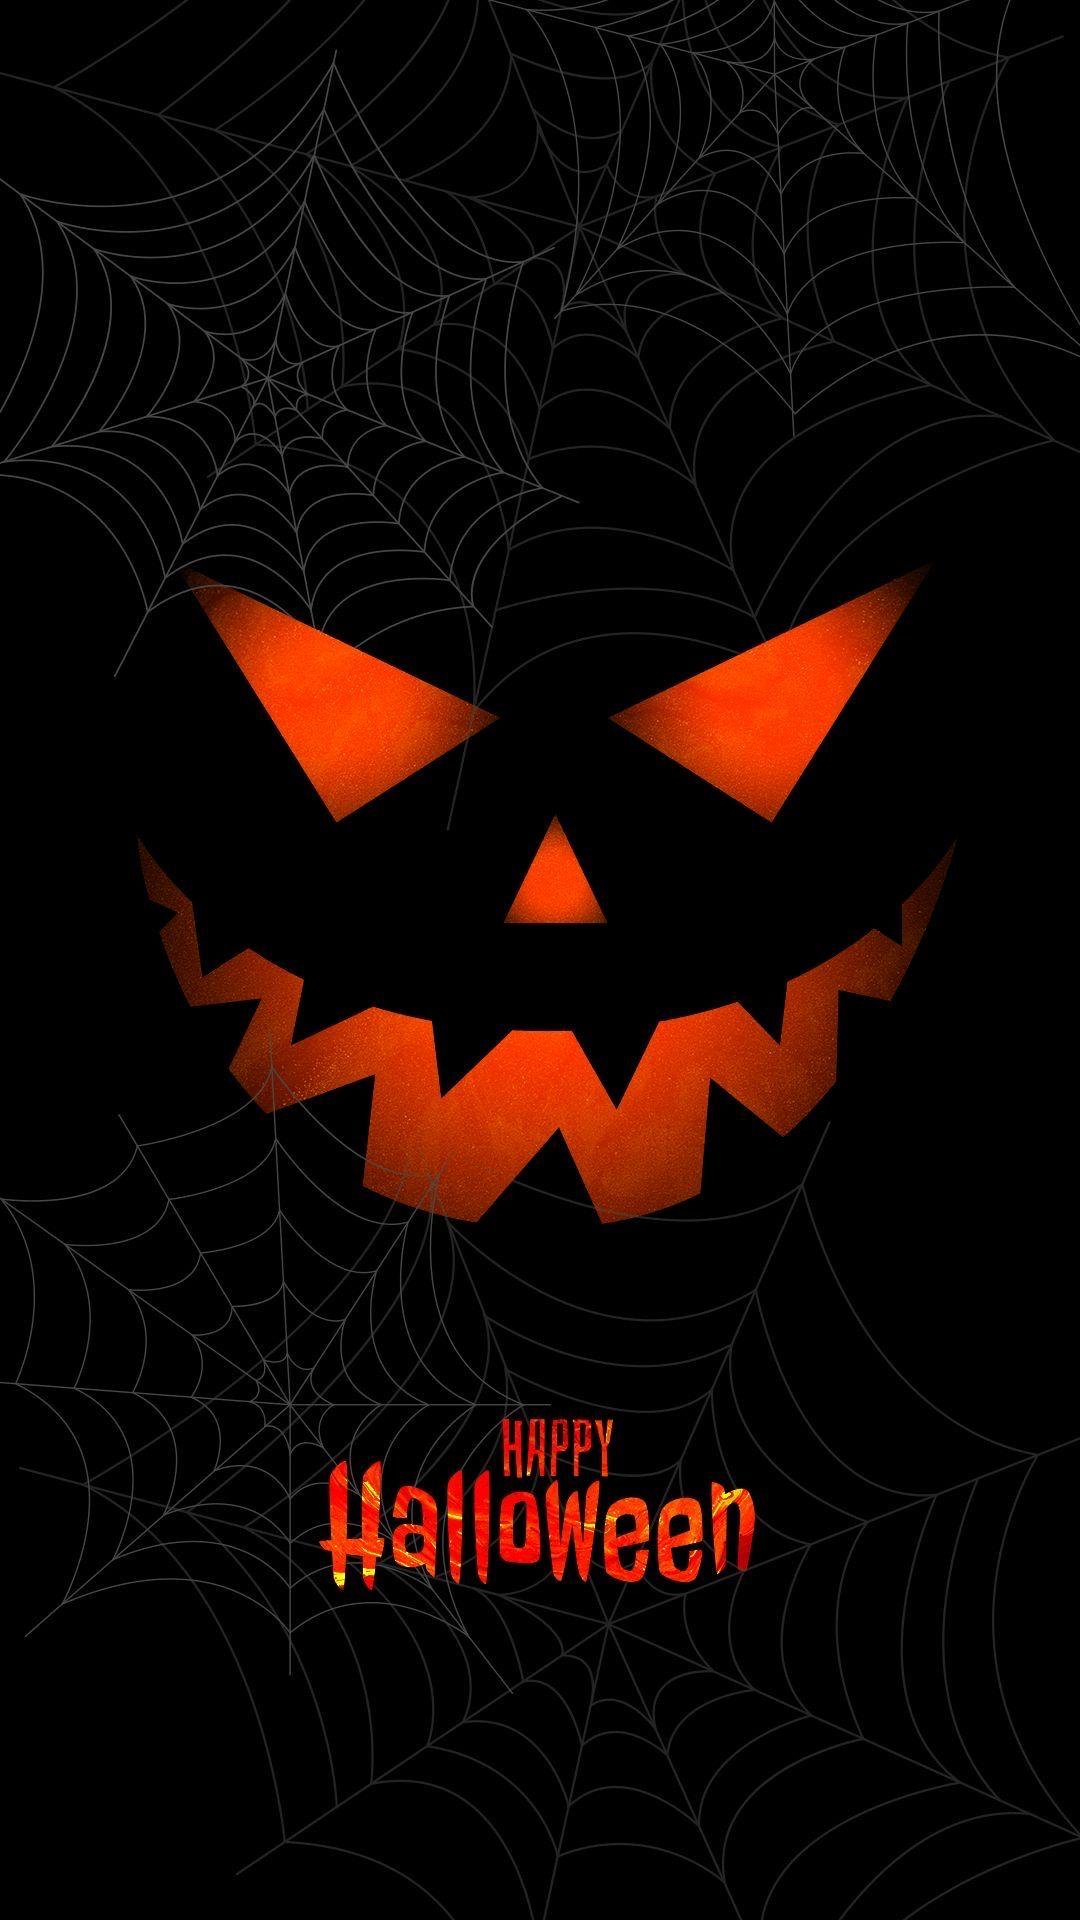 Halloween 4 Image By Jeanne Loves Horror Neon Wallpaper